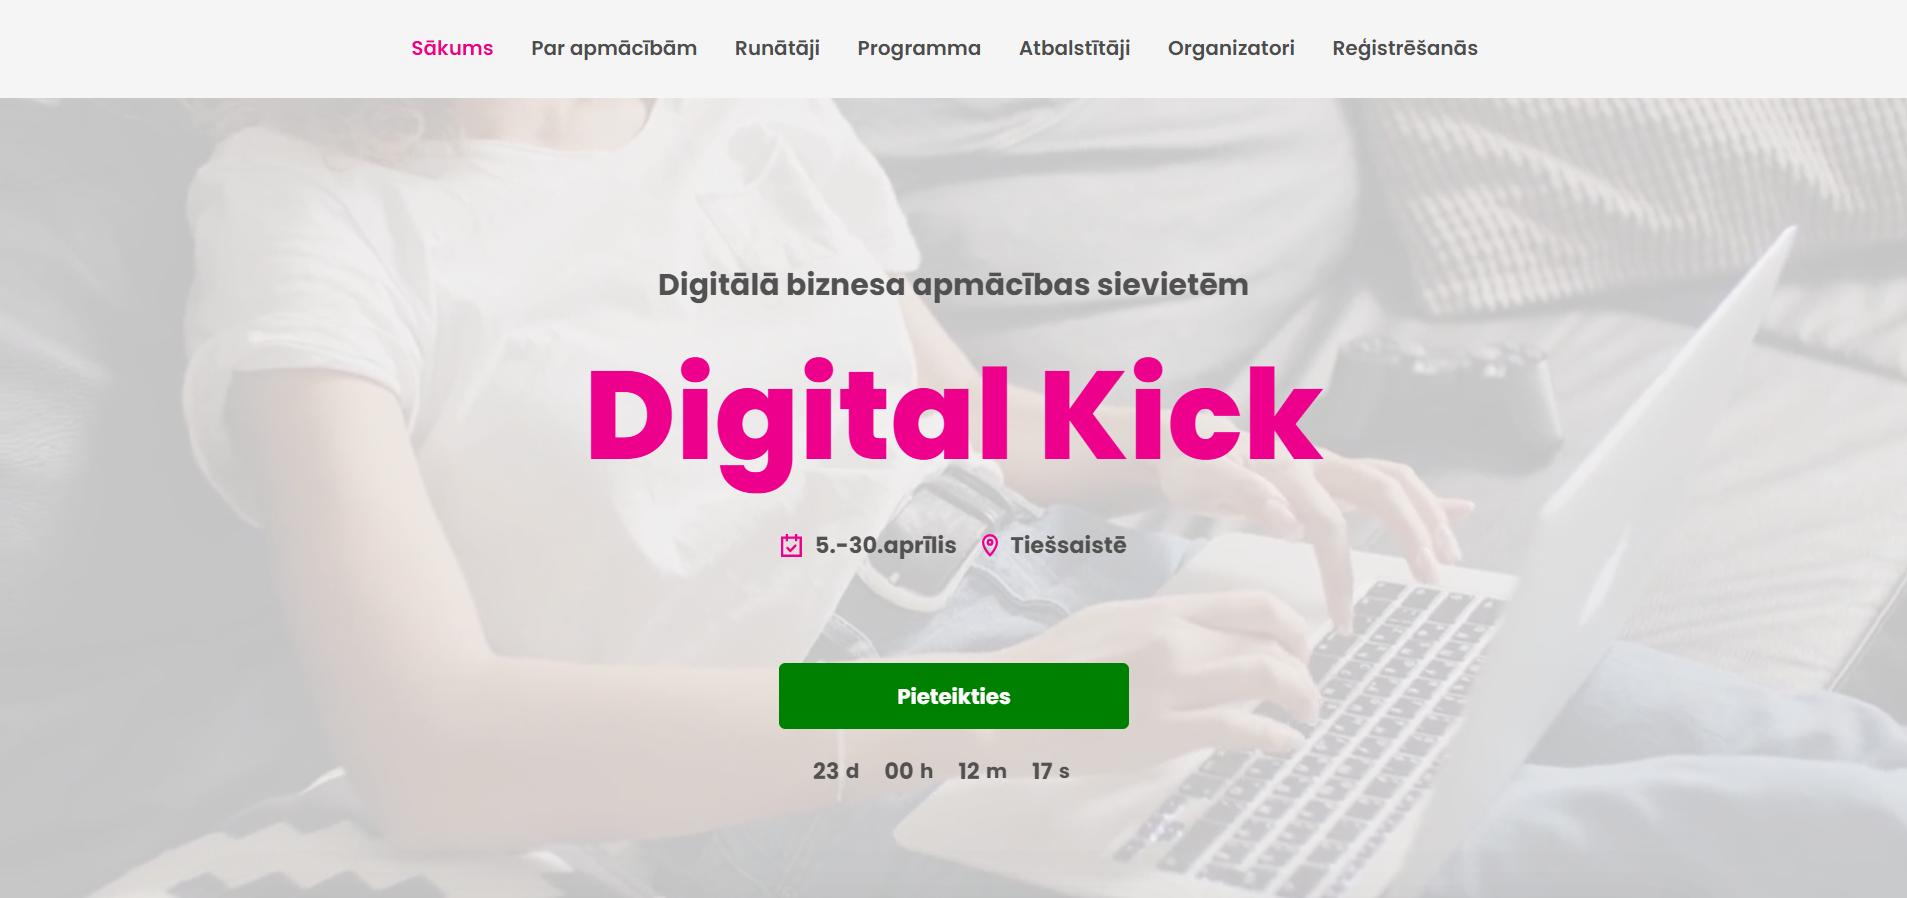 Digital Kick